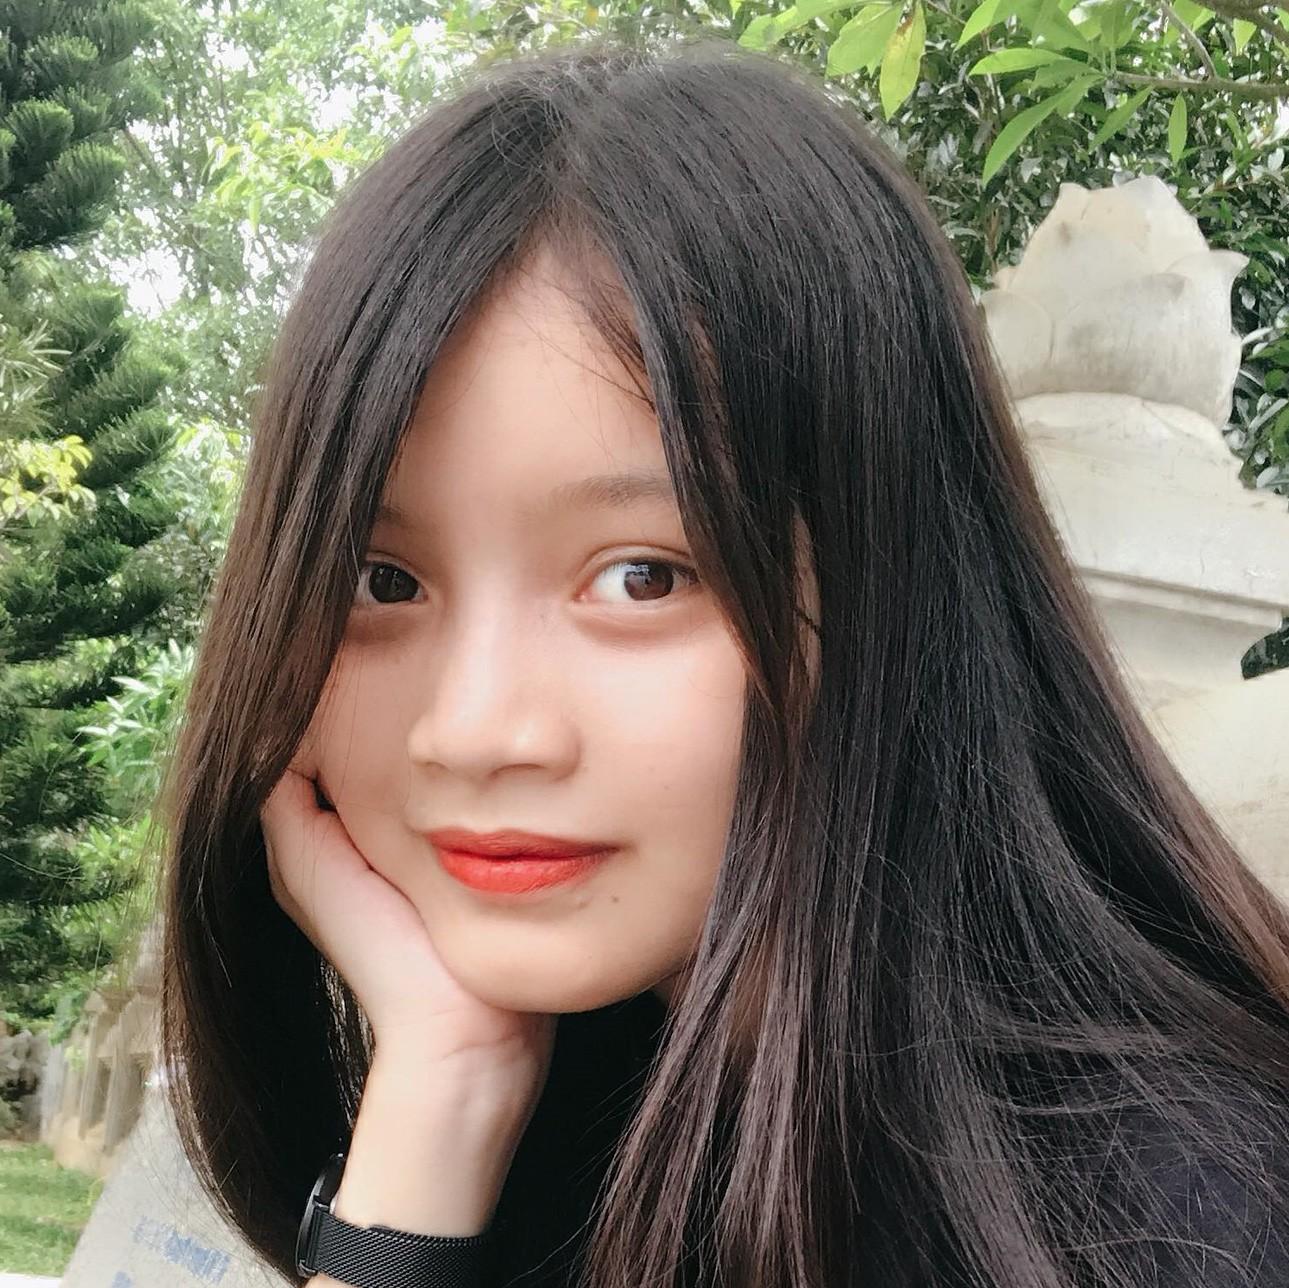 Cô bạn Hà Tĩnh nhận học bổng du học 13 trường tại Mỹ: Bất cứ ngành nghề gì đàn ông làm được thì phụ nữ cũng có thể! - Ảnh 1.